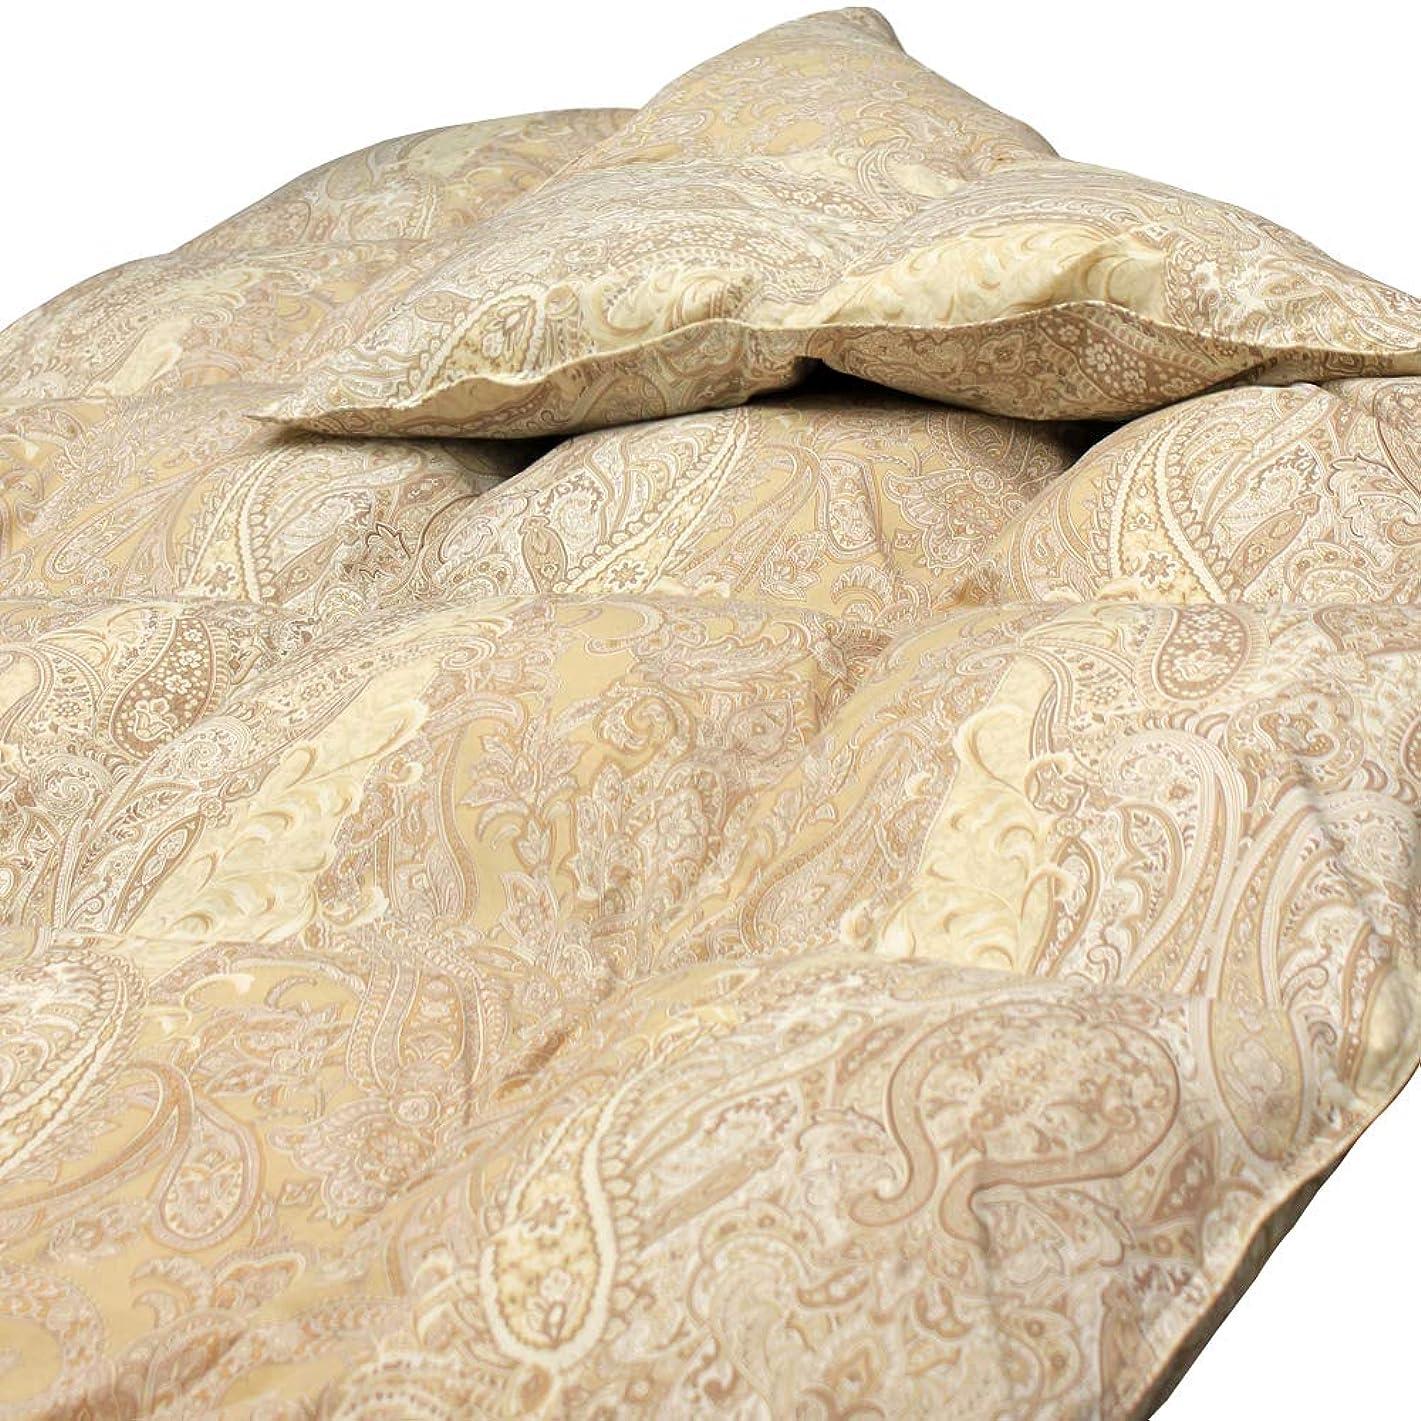 キリン権限を与える異形掛け布団 羽毛入り ボリューム あったか シングル ほこりが出にくい 清潔 抗菌 防臭 防ダニ … (ペイズリー柄(イエロー))